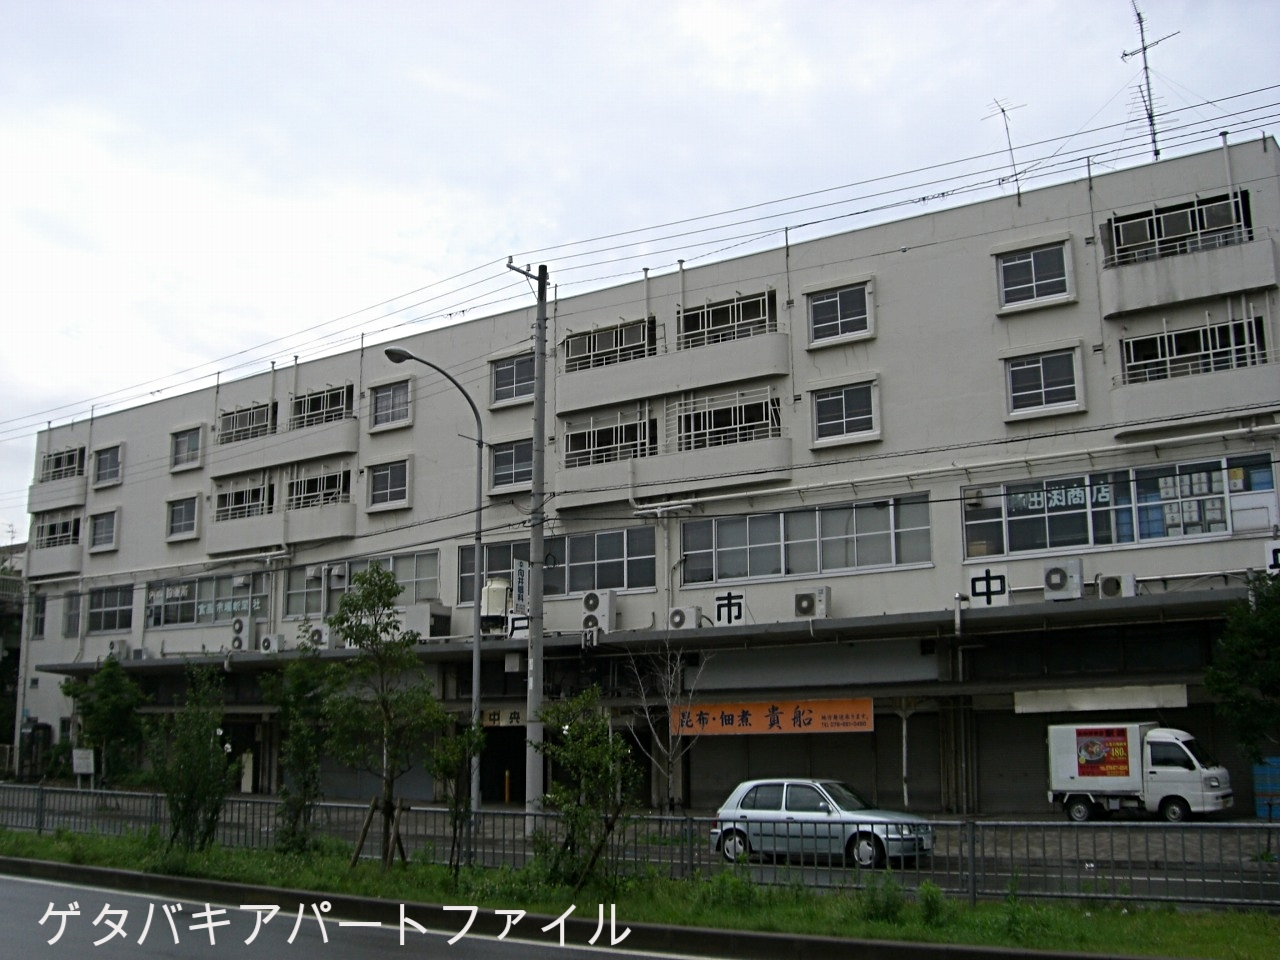 1階と2階は市場。